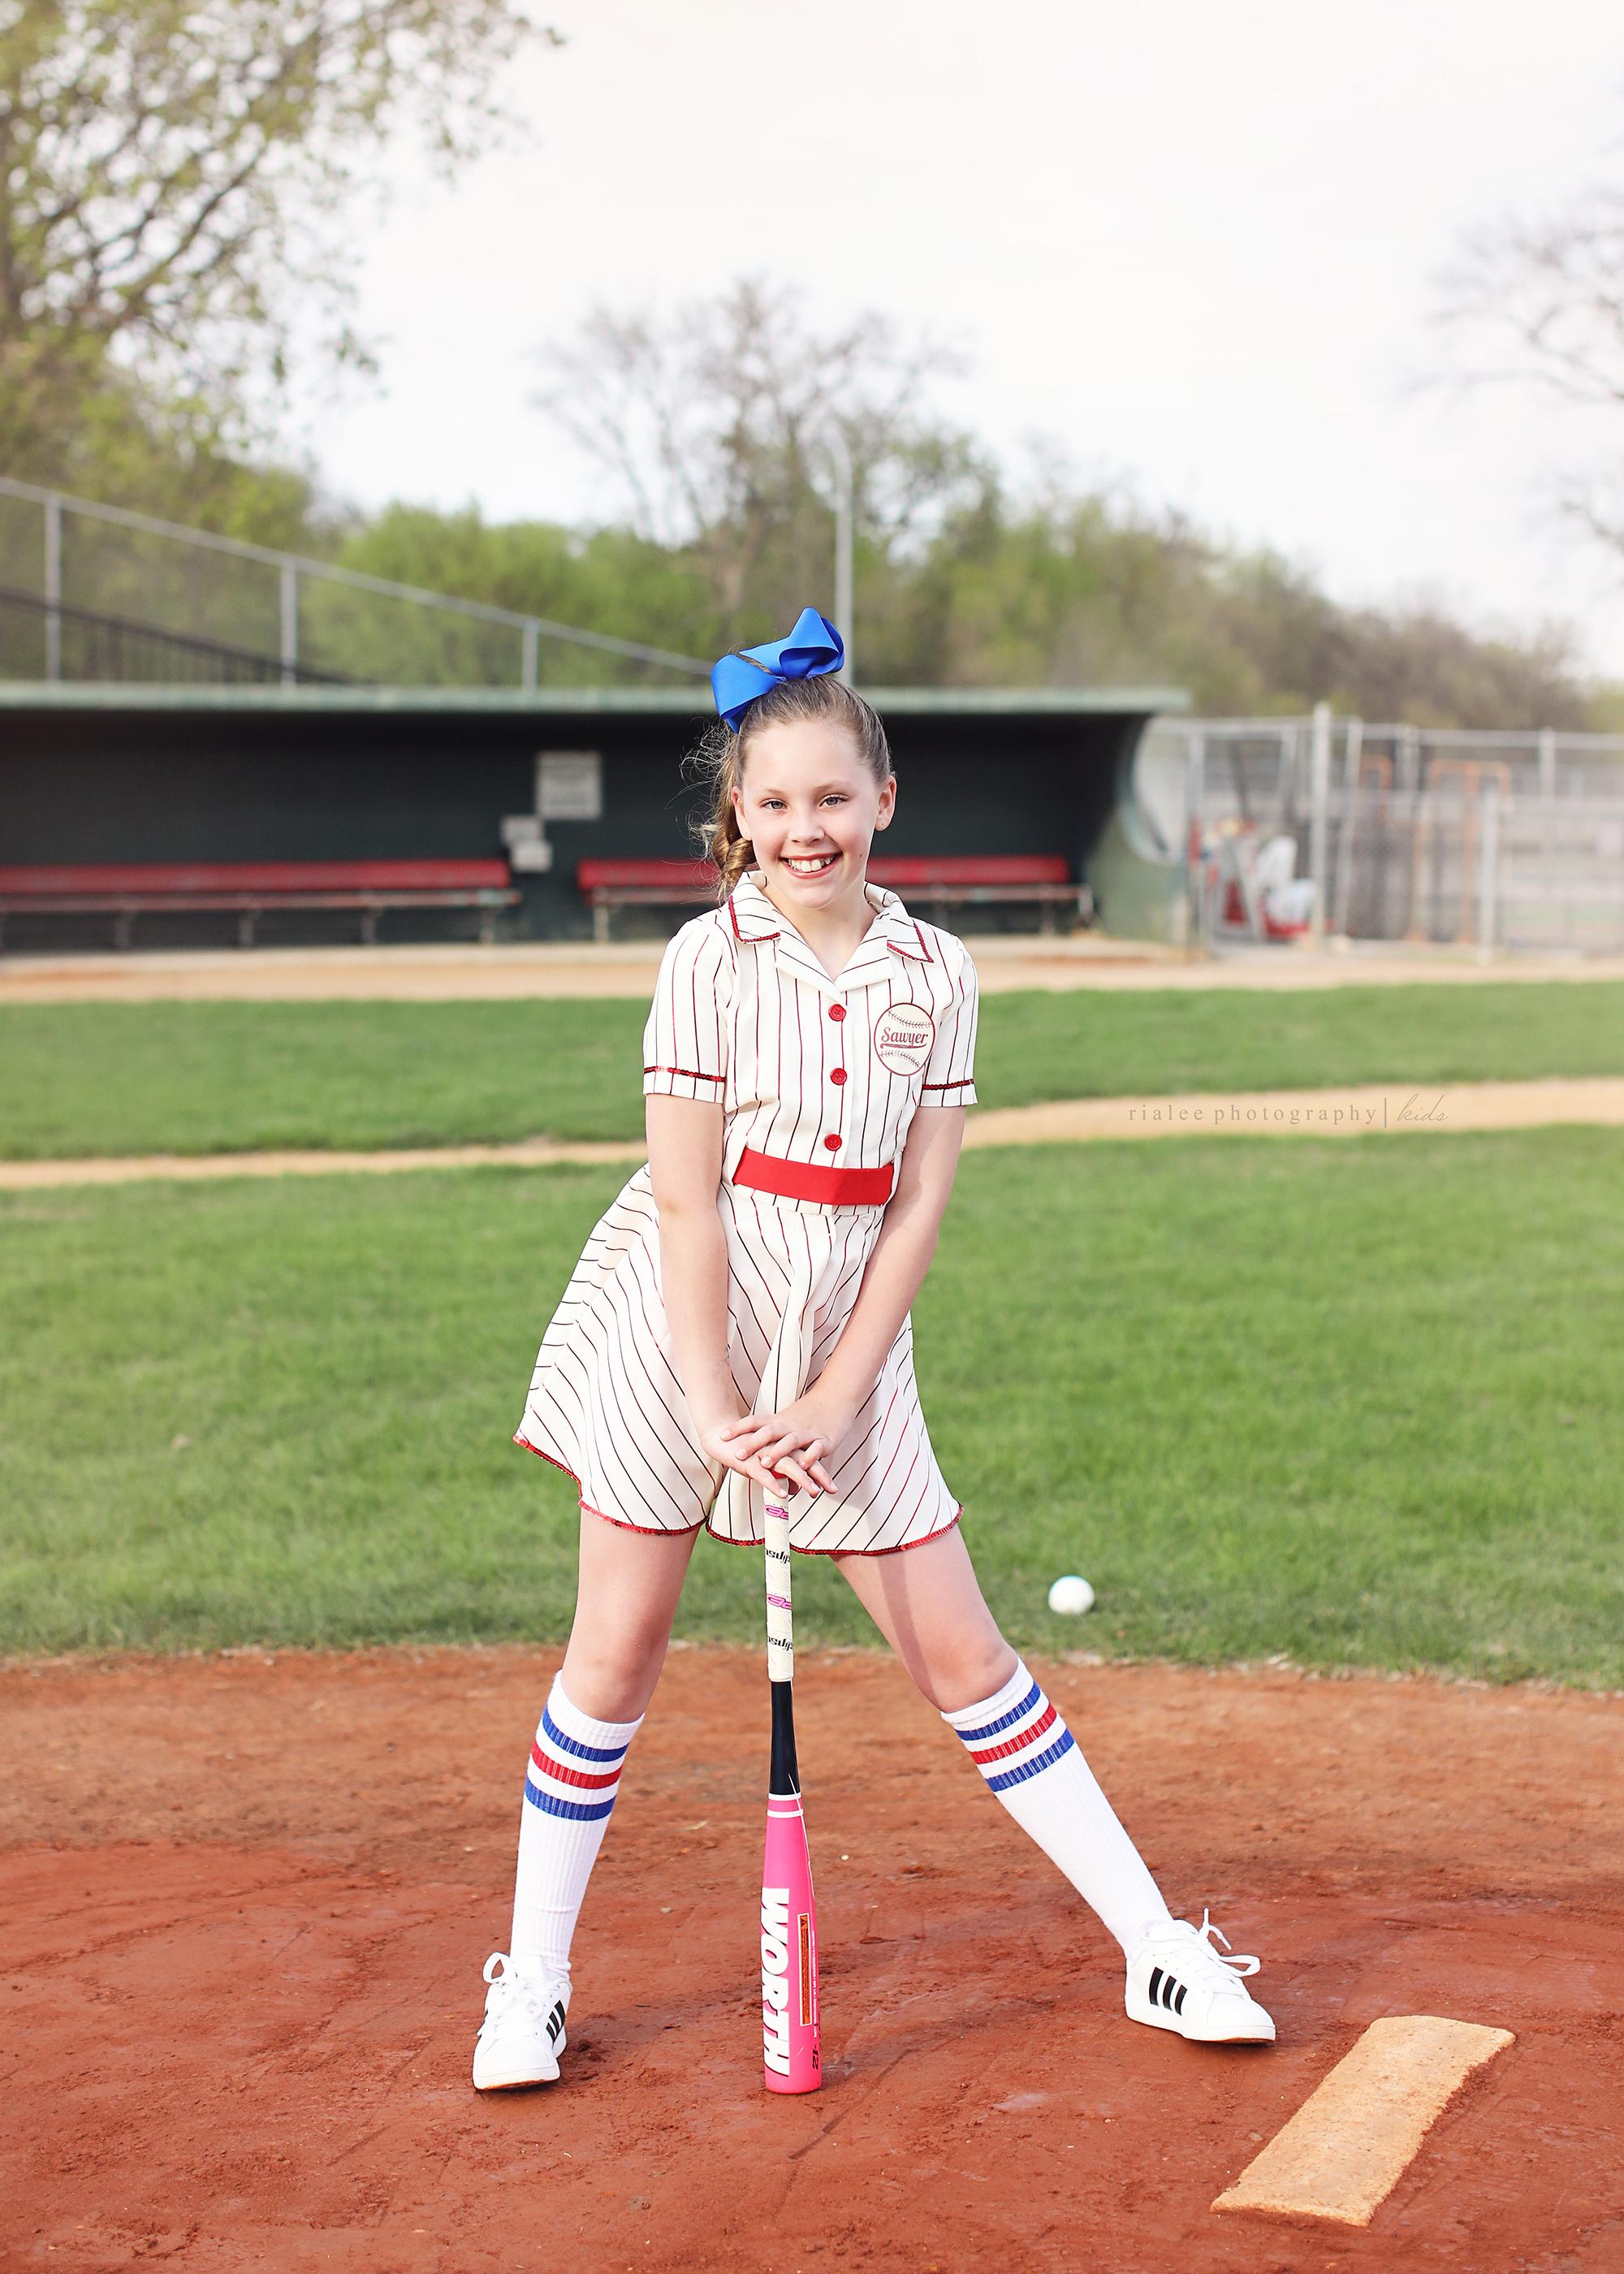 baseballphotoshoot.jpg